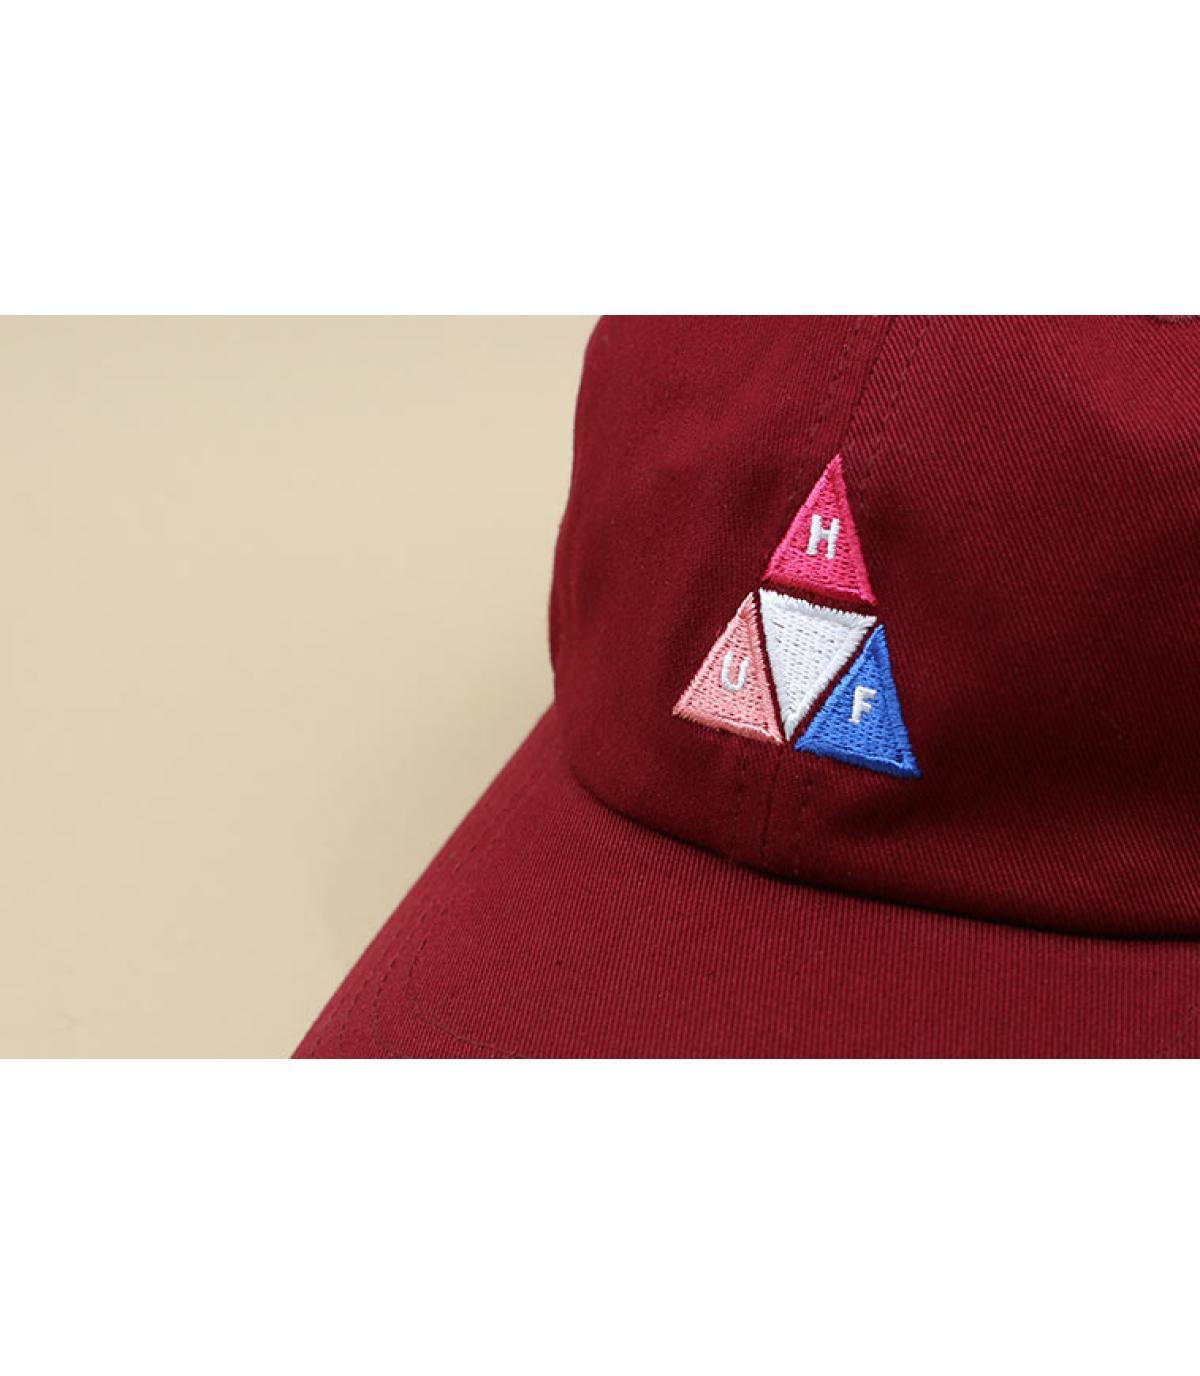 Détails Peak Logo red pear - image 3